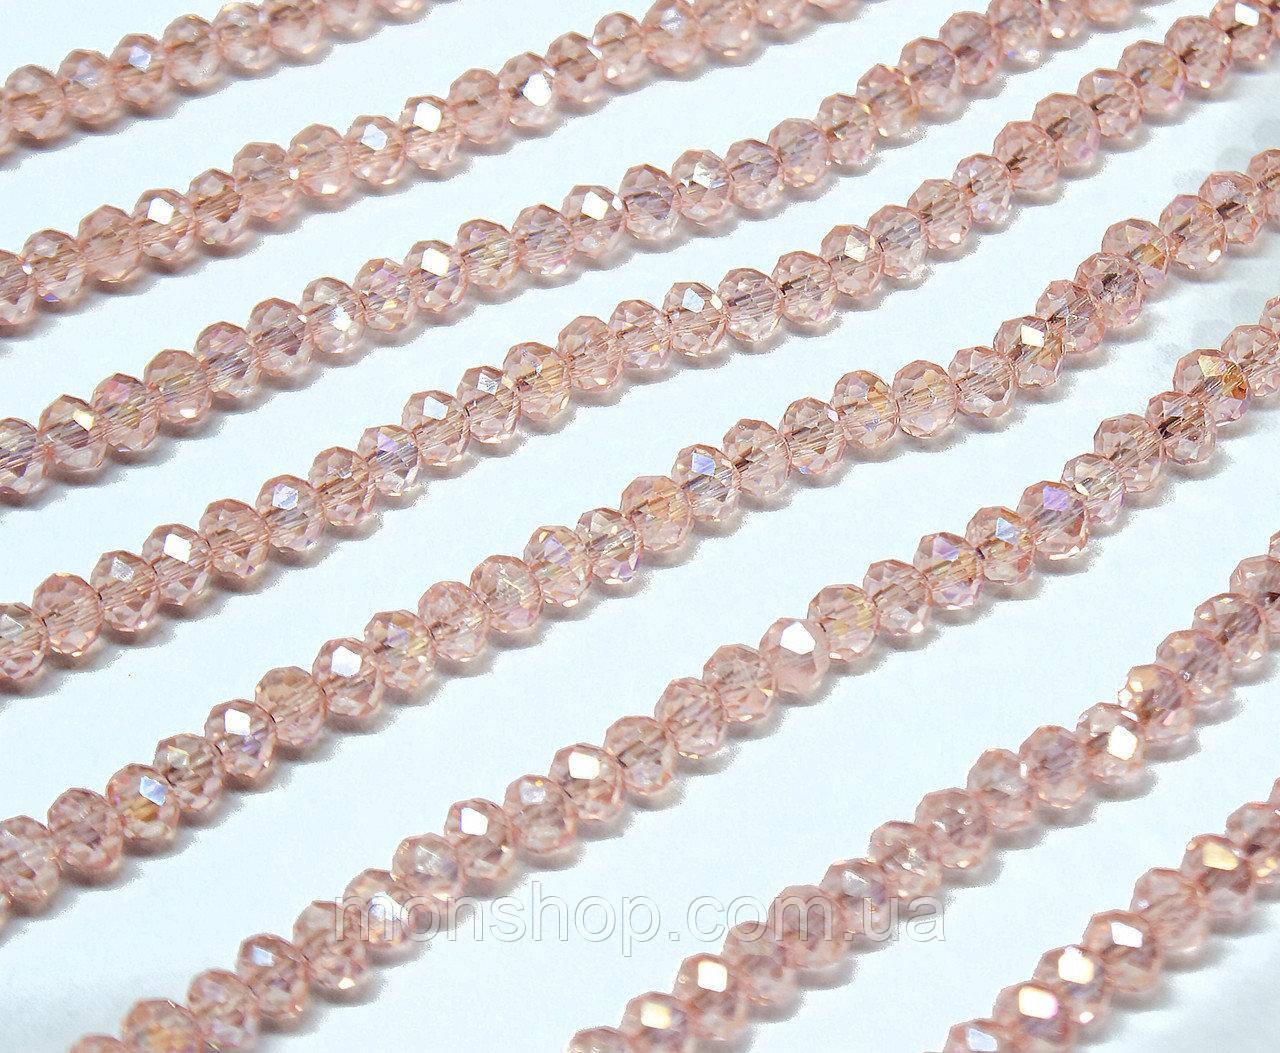 Бусины хрустальные (Рондель) 2х2мм, цвет - розово-персиковый прозрачный с АБ